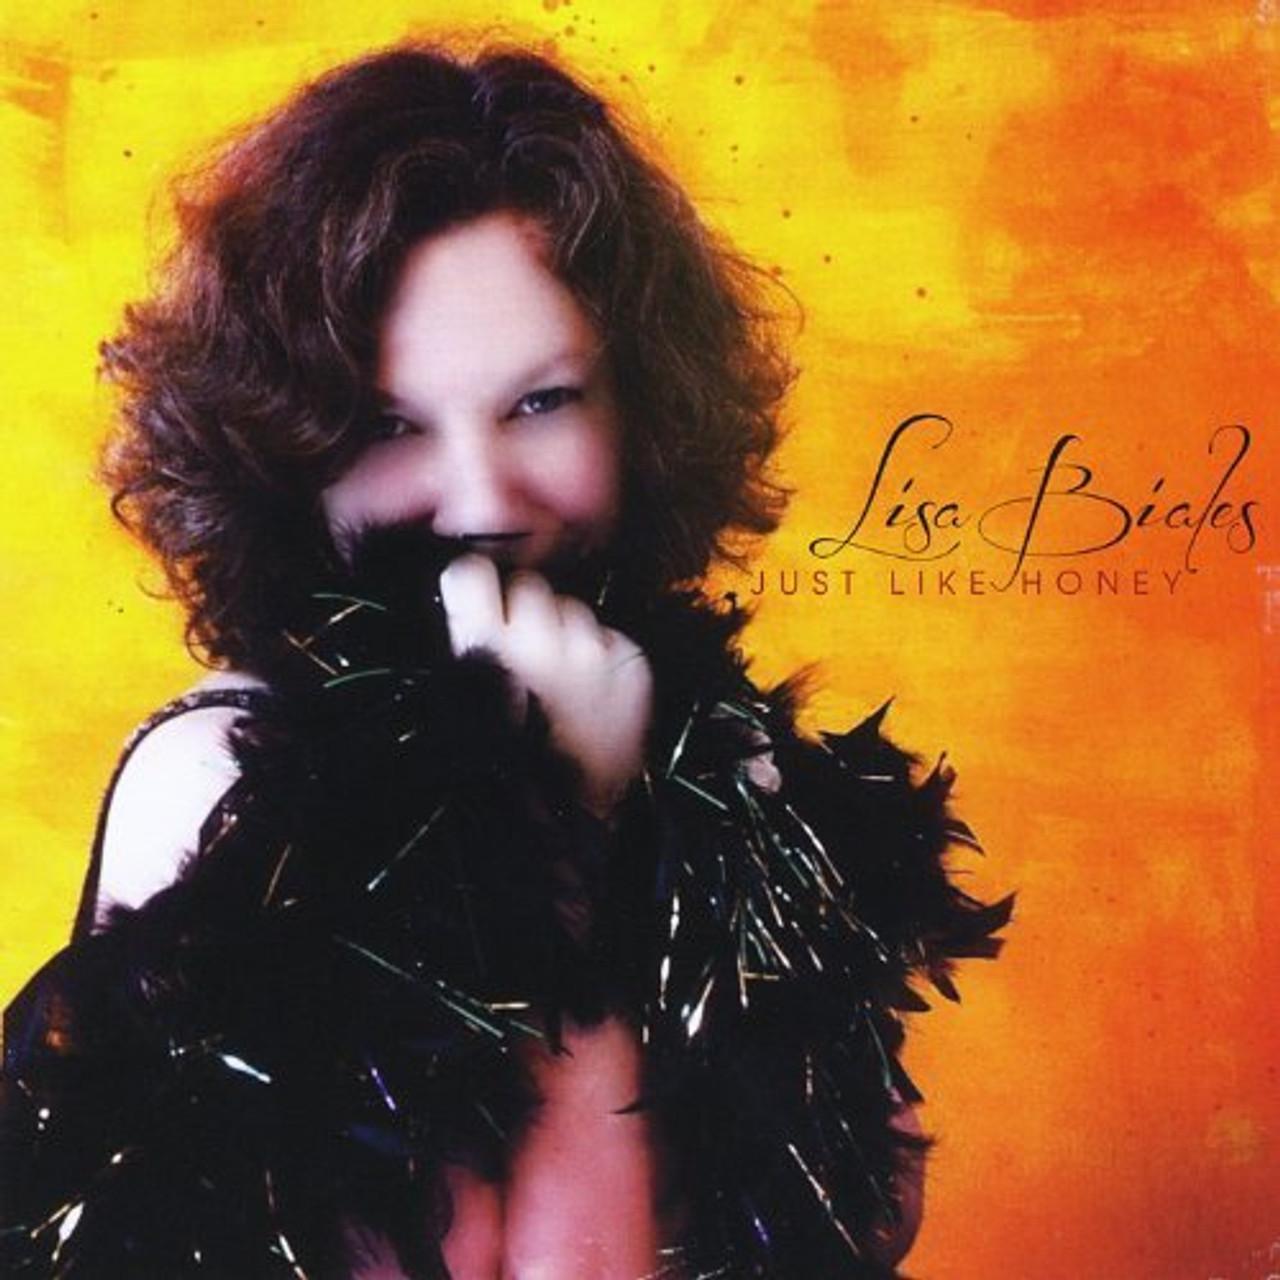 LISA BIALES - JUST LIKE HONEY